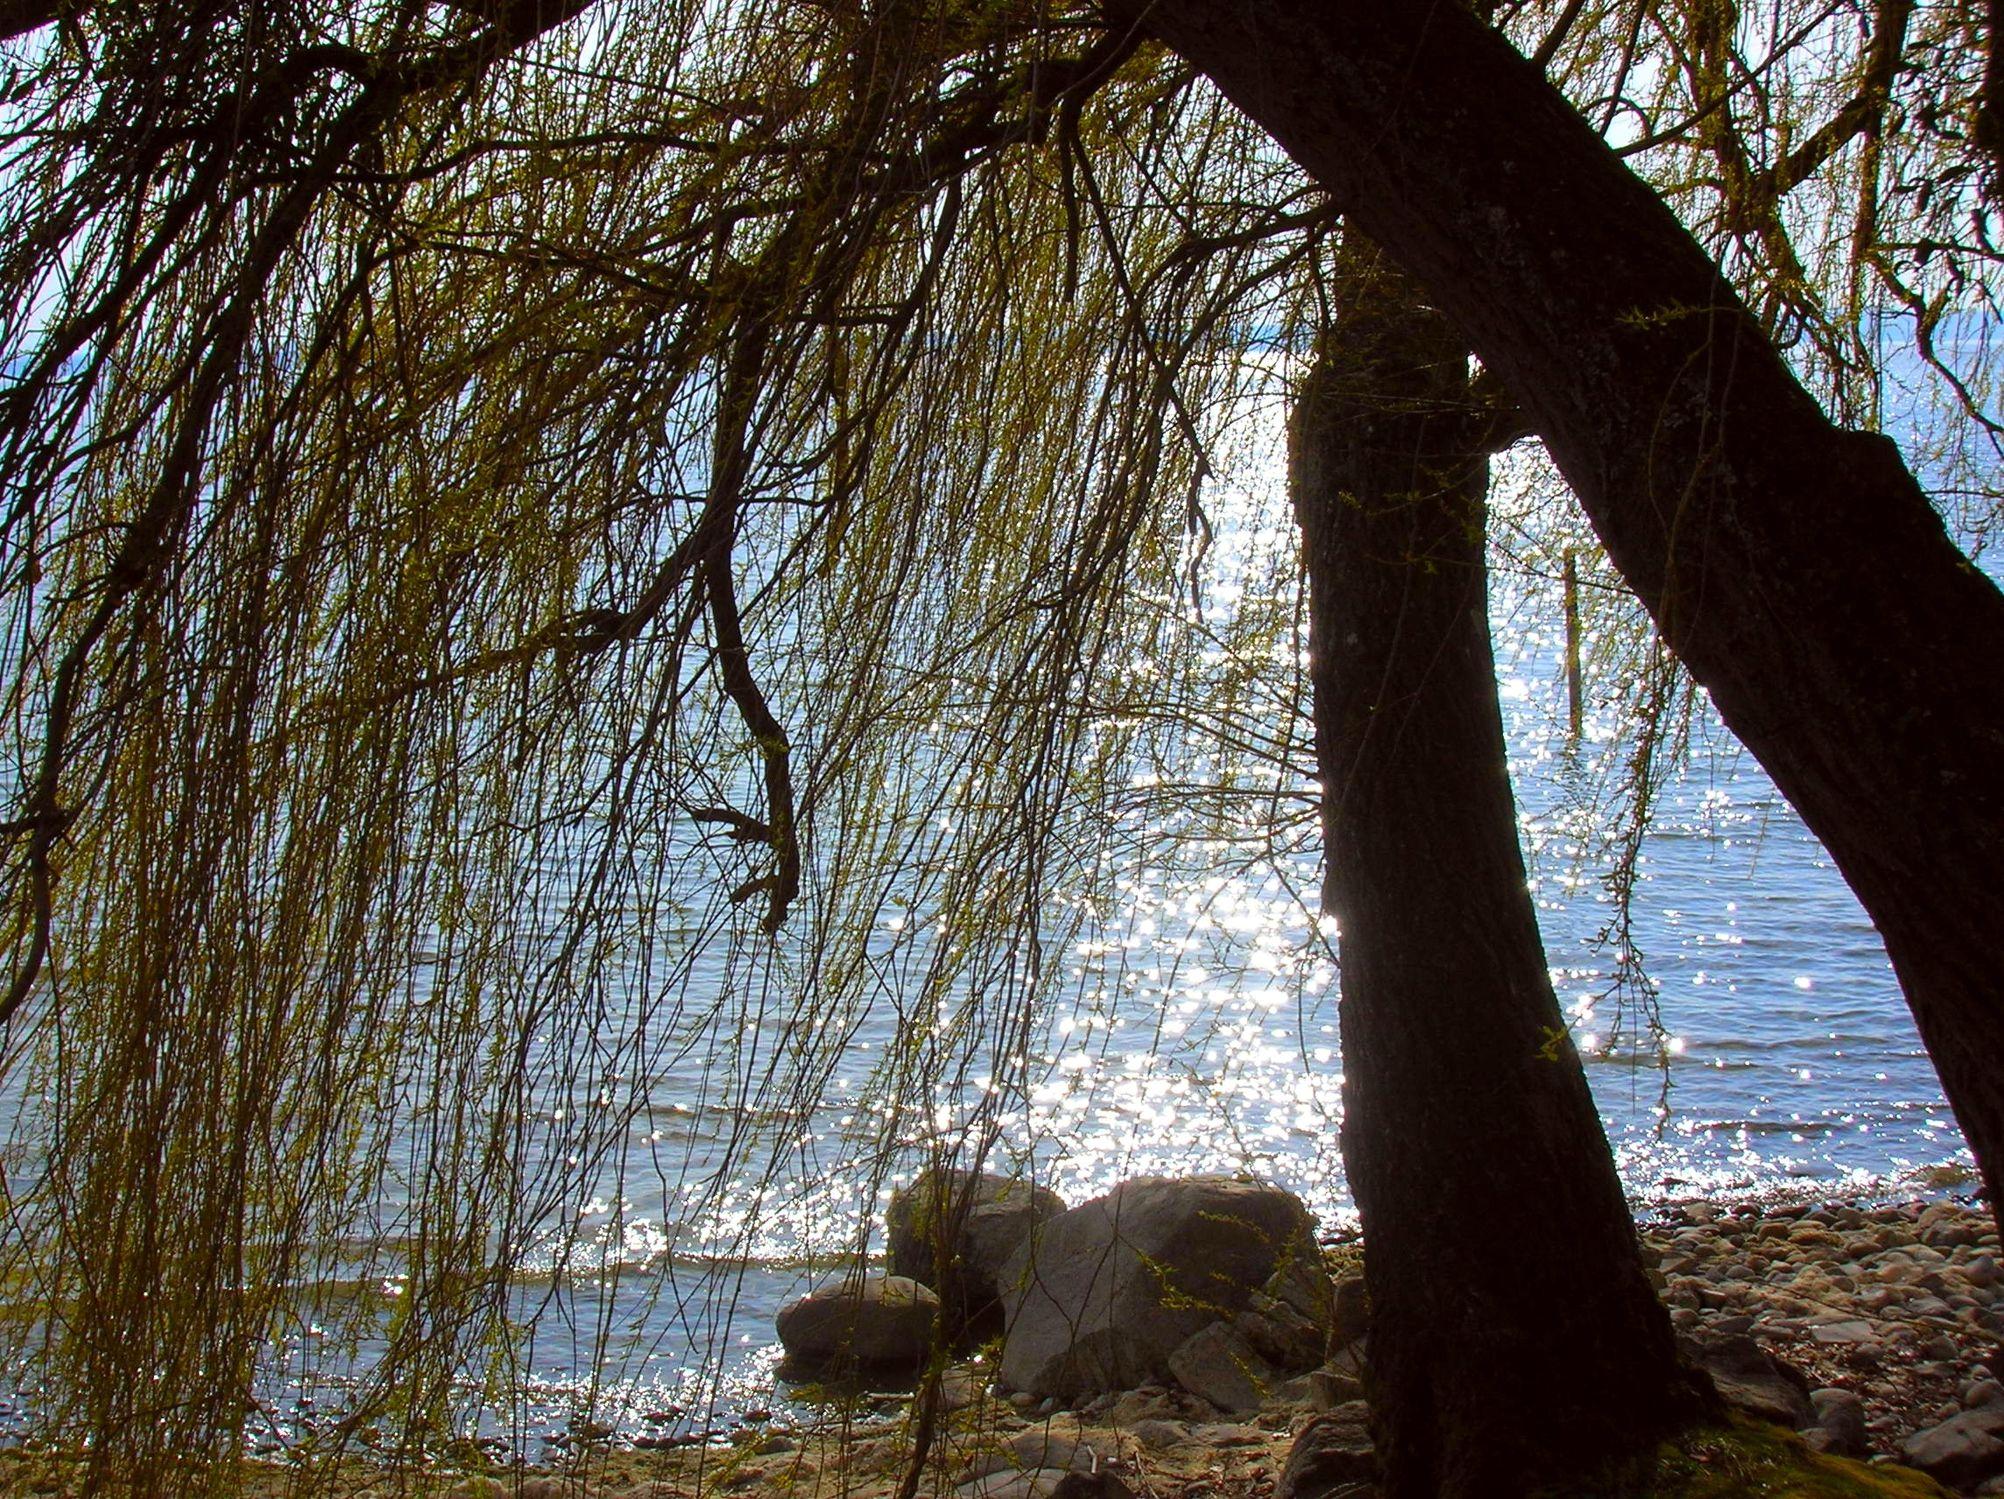 Bild mit Laub- und Nadelbäume